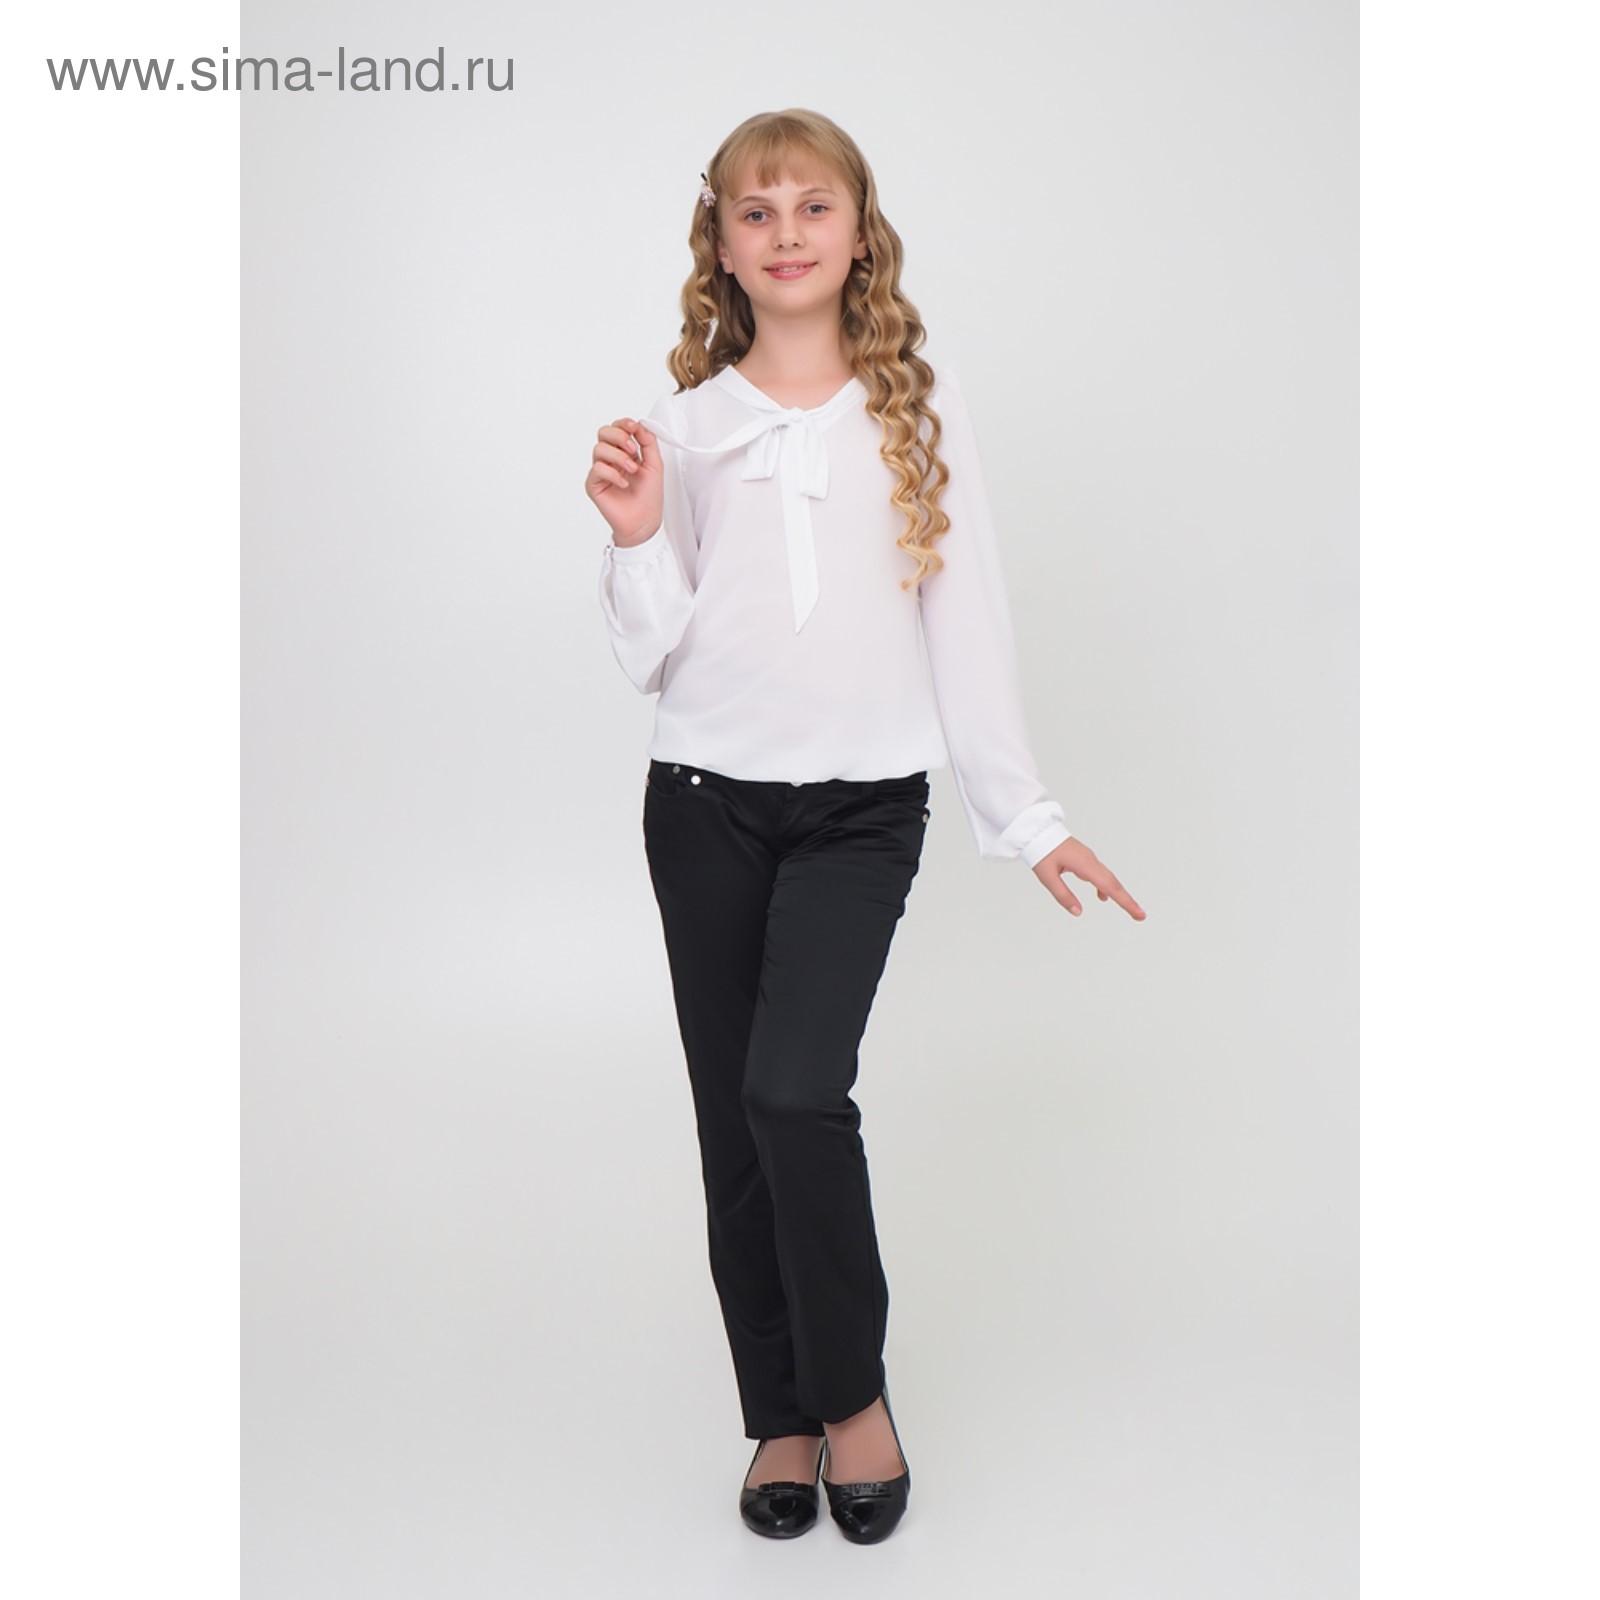 7f053b36793 Блузка для девочки+цепочка